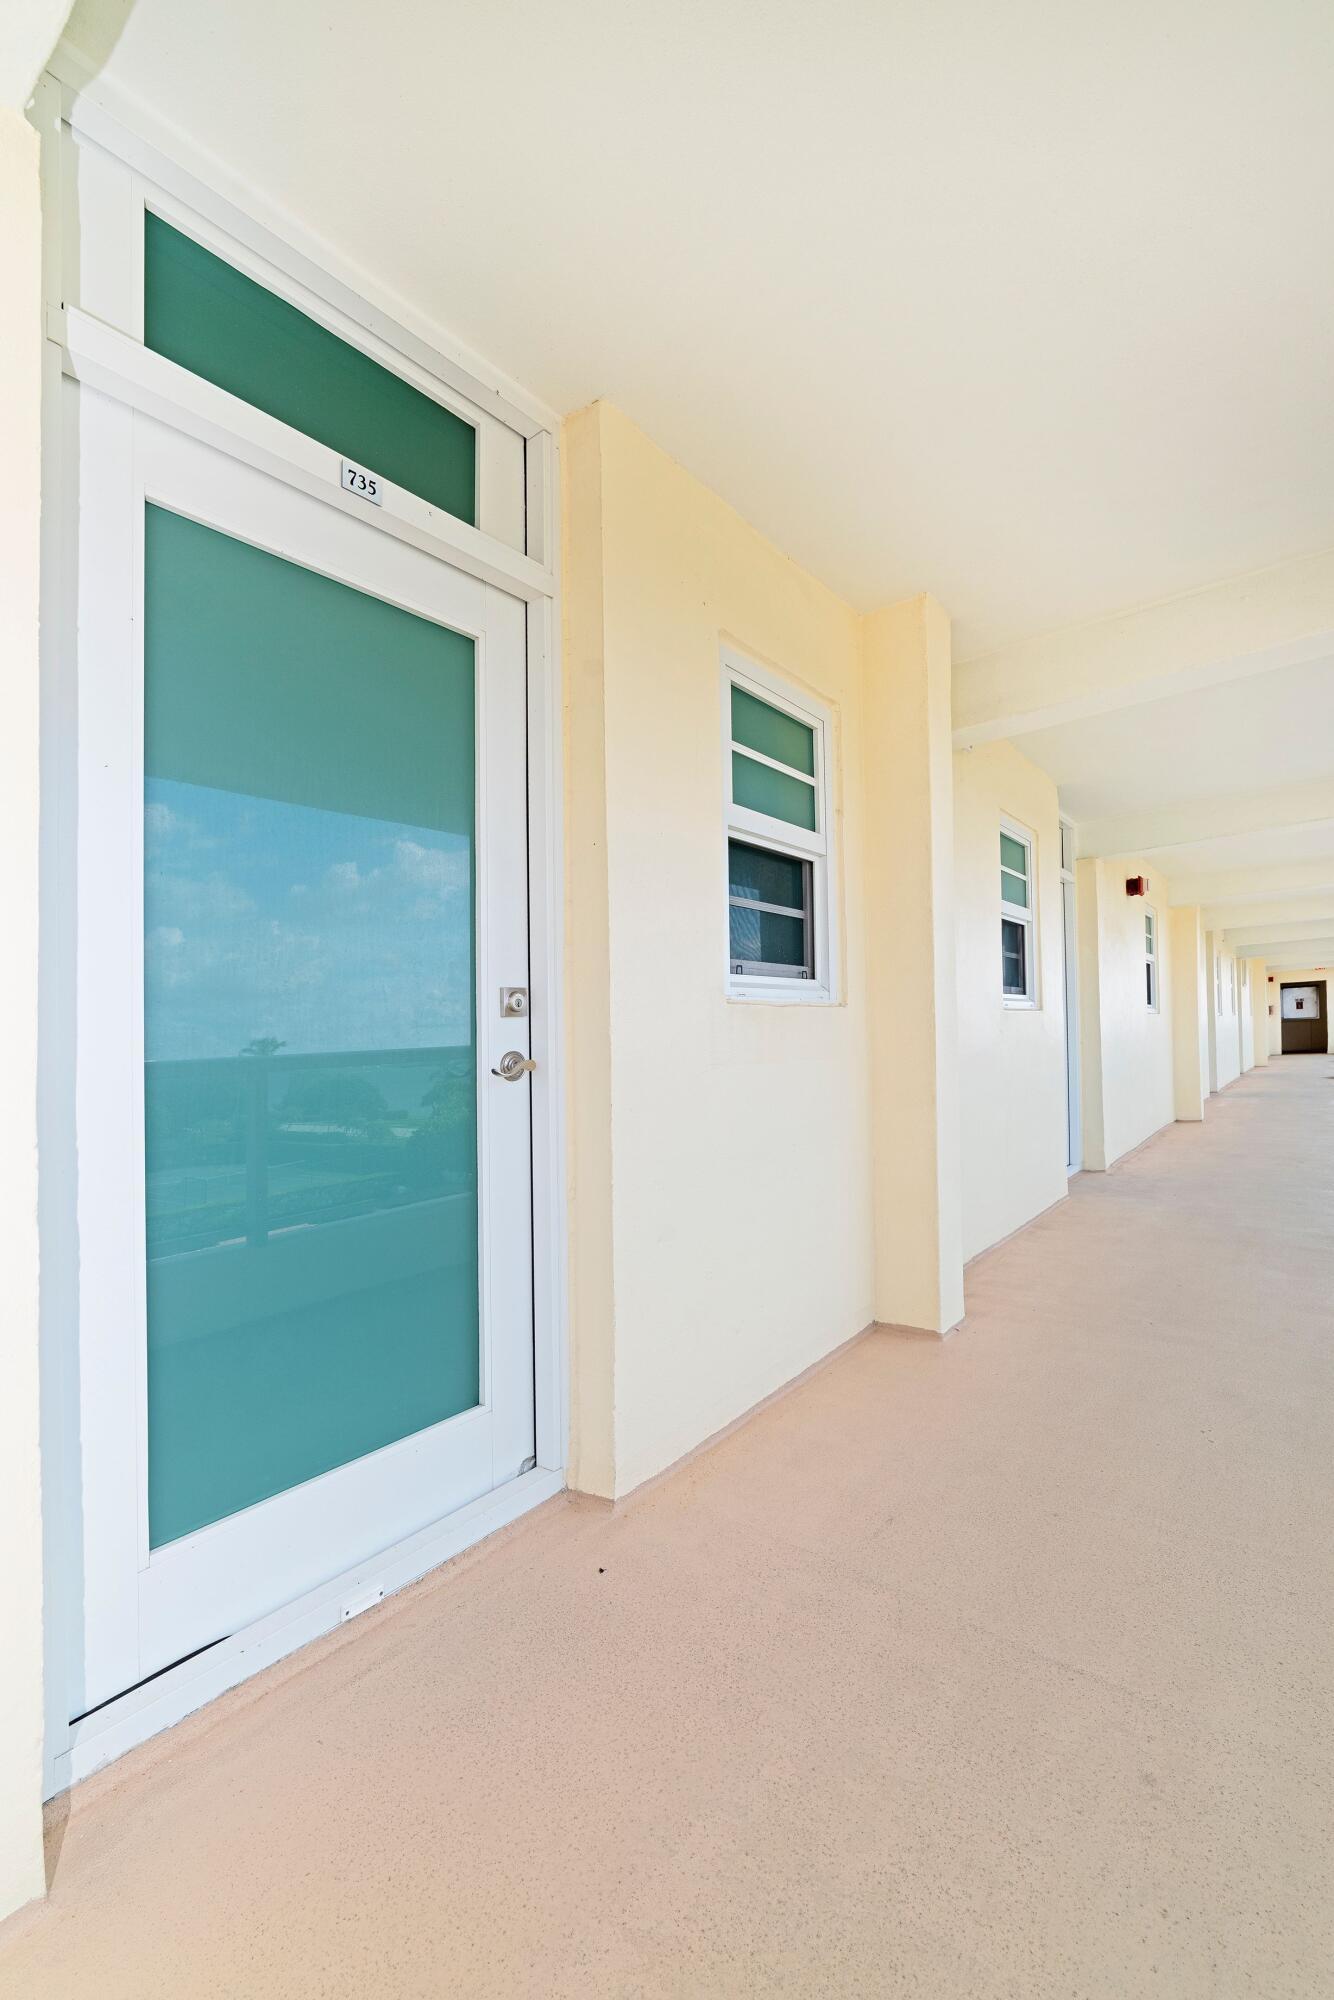 735 FRONT DOOR